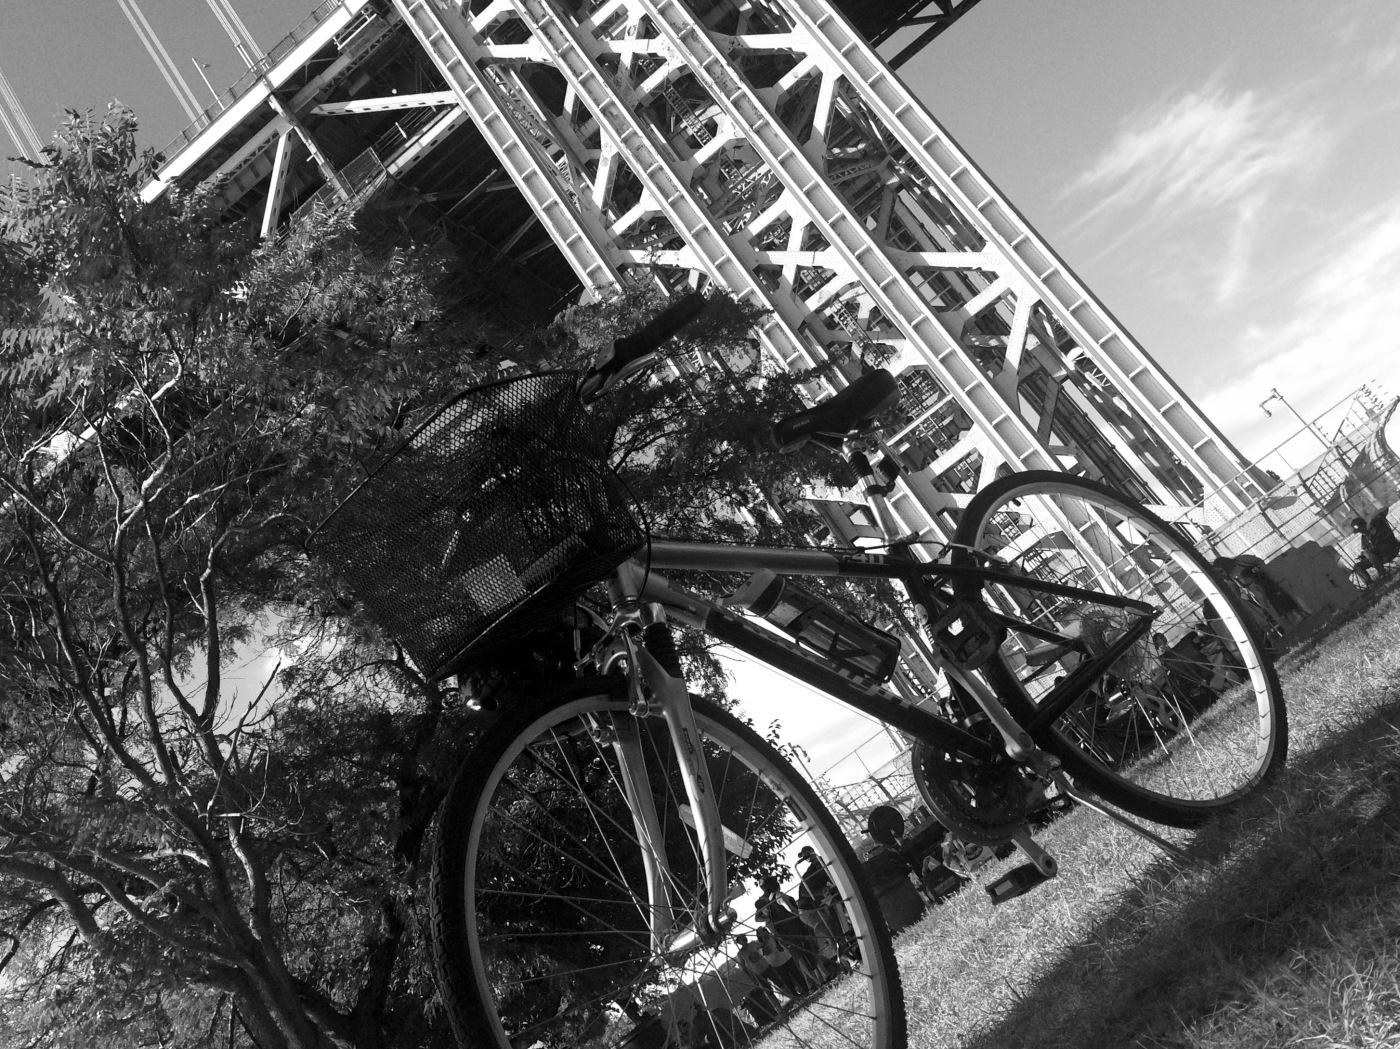 Day 234/4 bike at the bridge